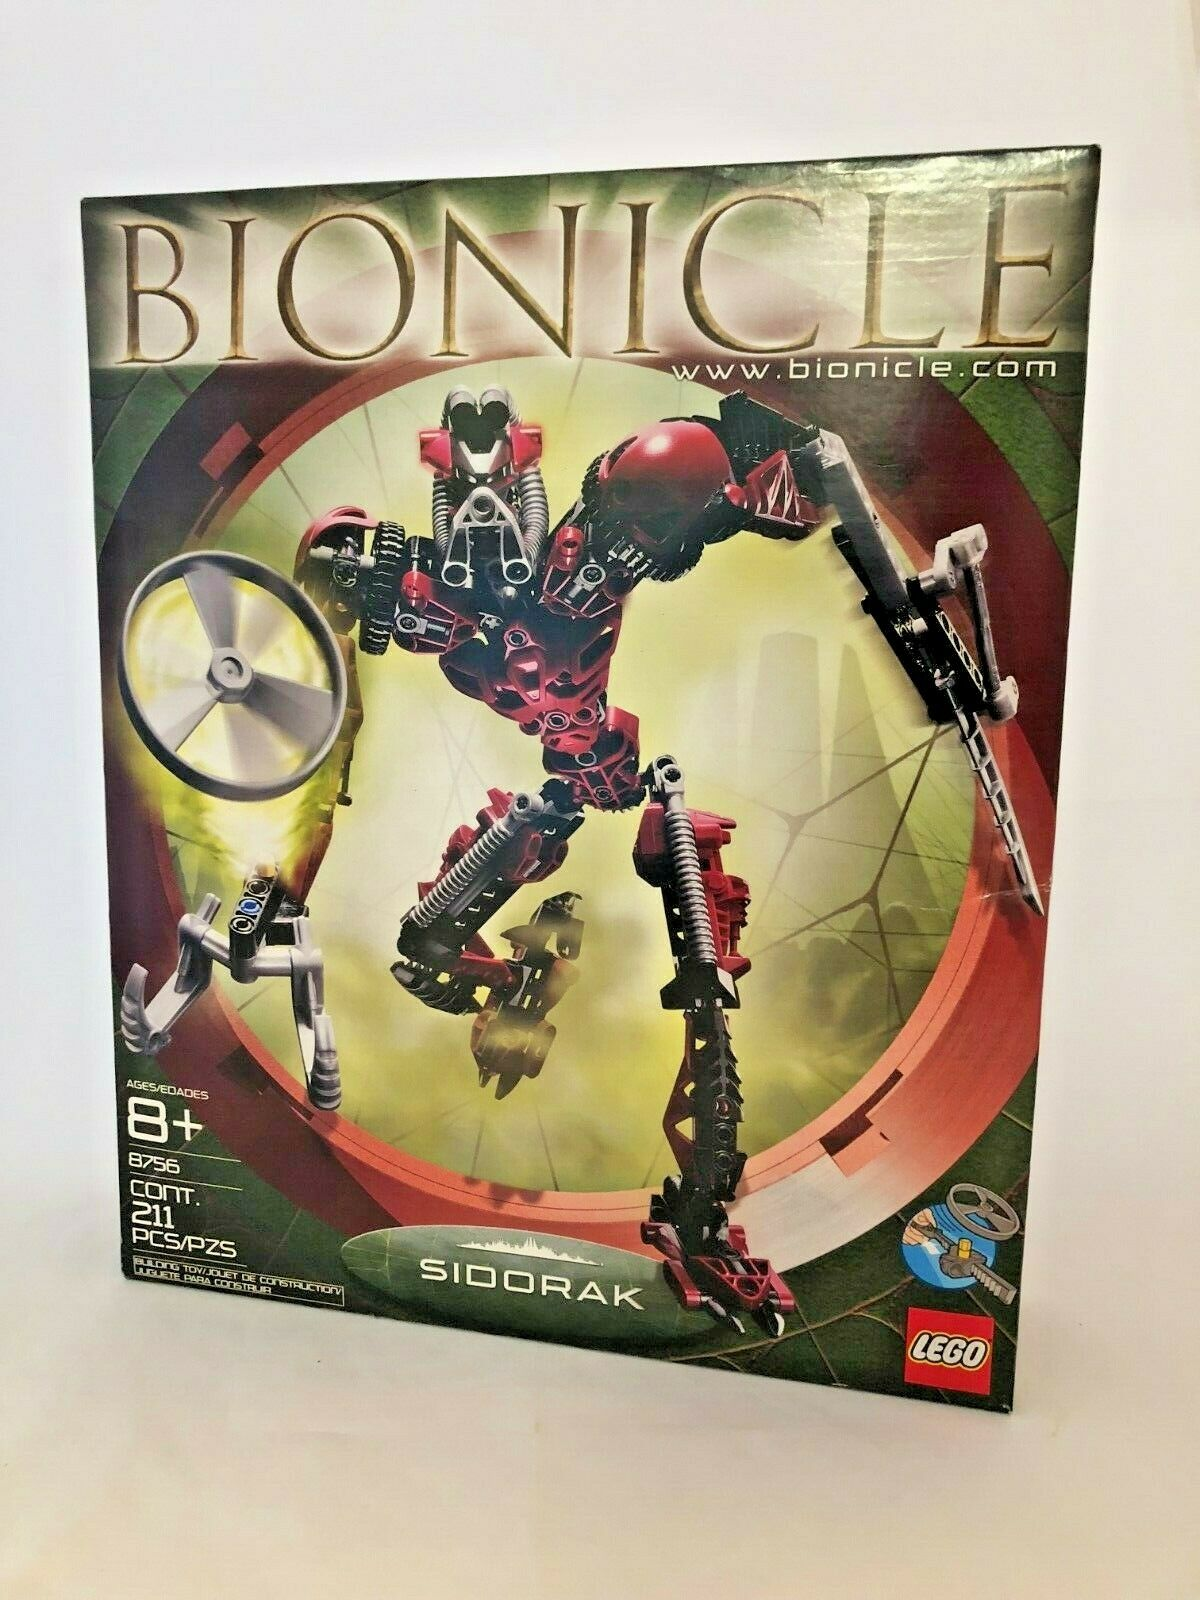 Lego Bionicle guerreros Sidorak (8756), caja sin abrir nuevo, Metru Nui, Vintage 2004